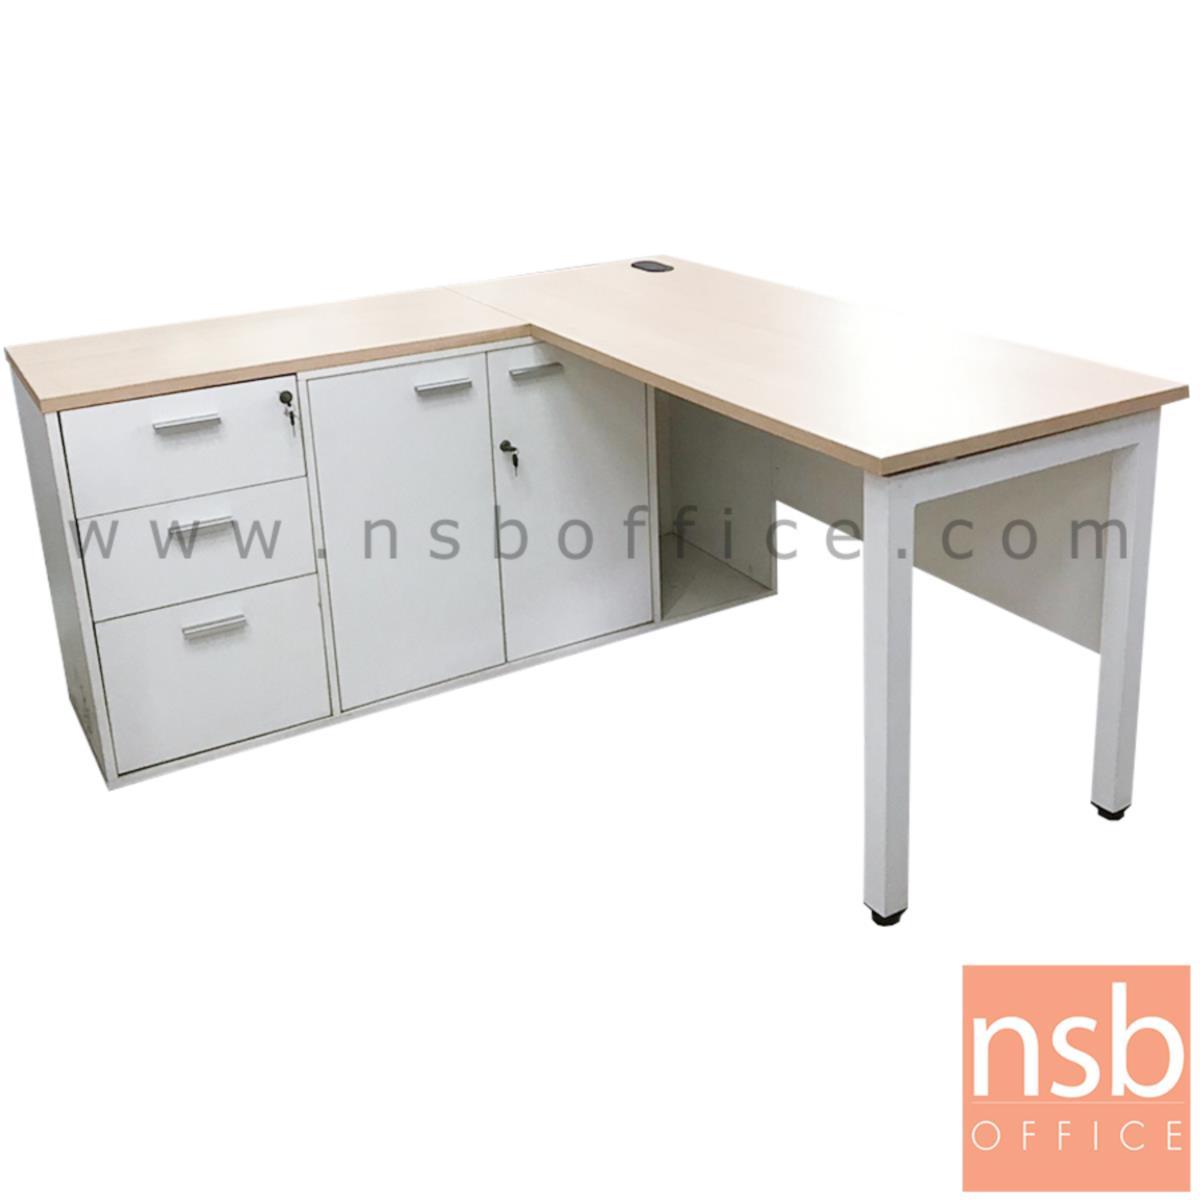 L10A202:โต๊ะทำงานตัวแอล   ขนาด 150W1*150W2 cm. พร้อมตู้เก็บเอกสาร ขาเหล็ก